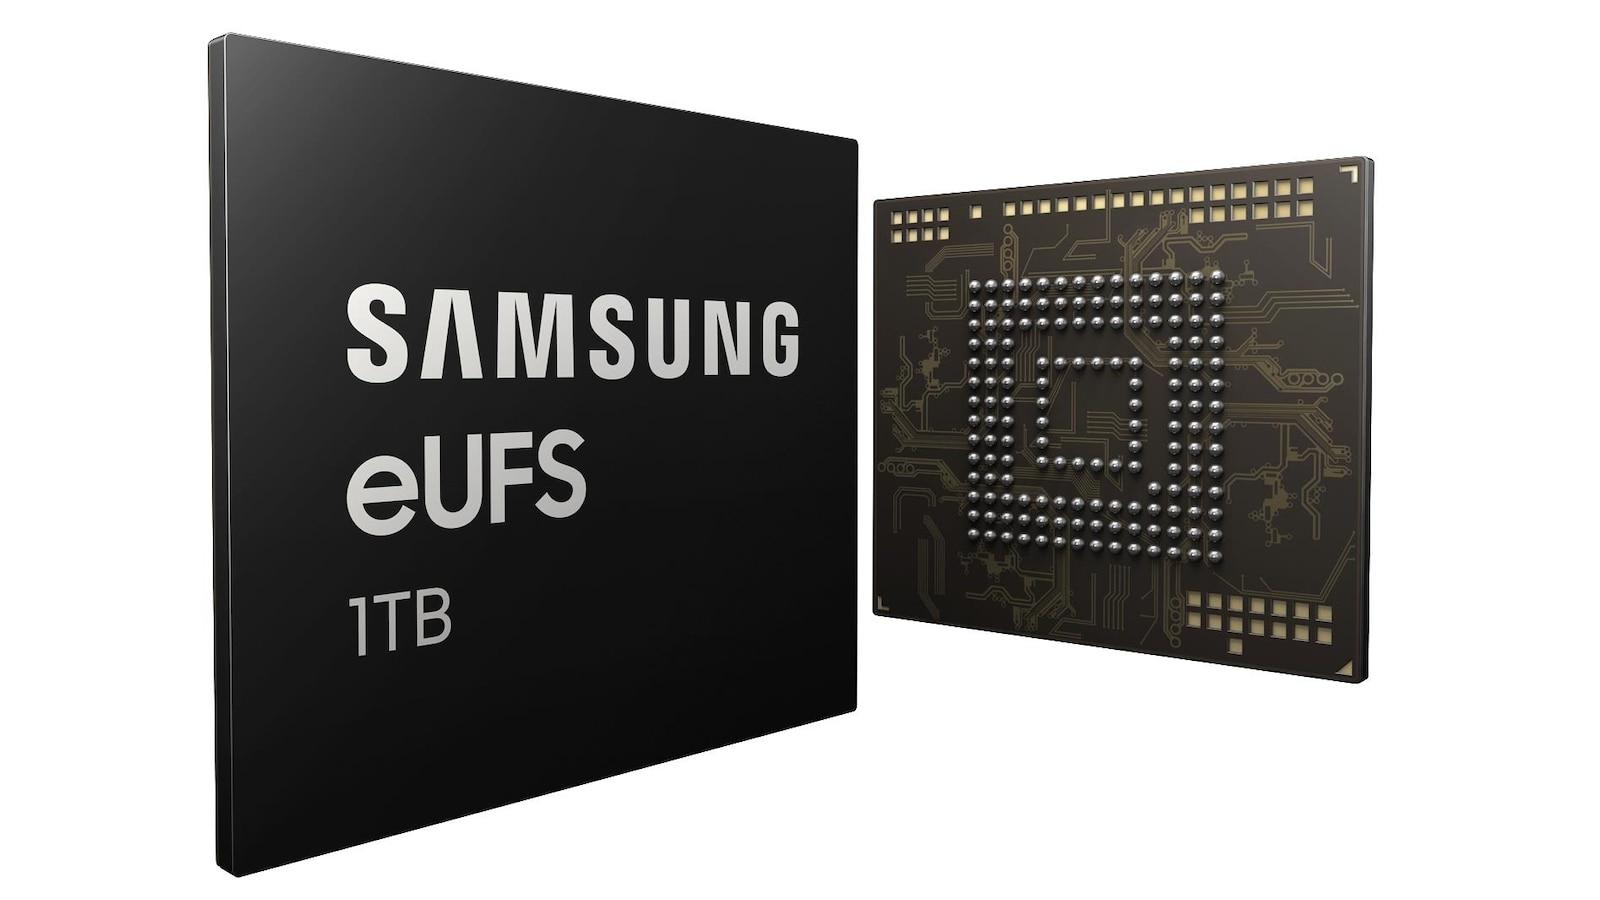 Une photo montrant le recto et le verso de la puce eUFS de Samsung.